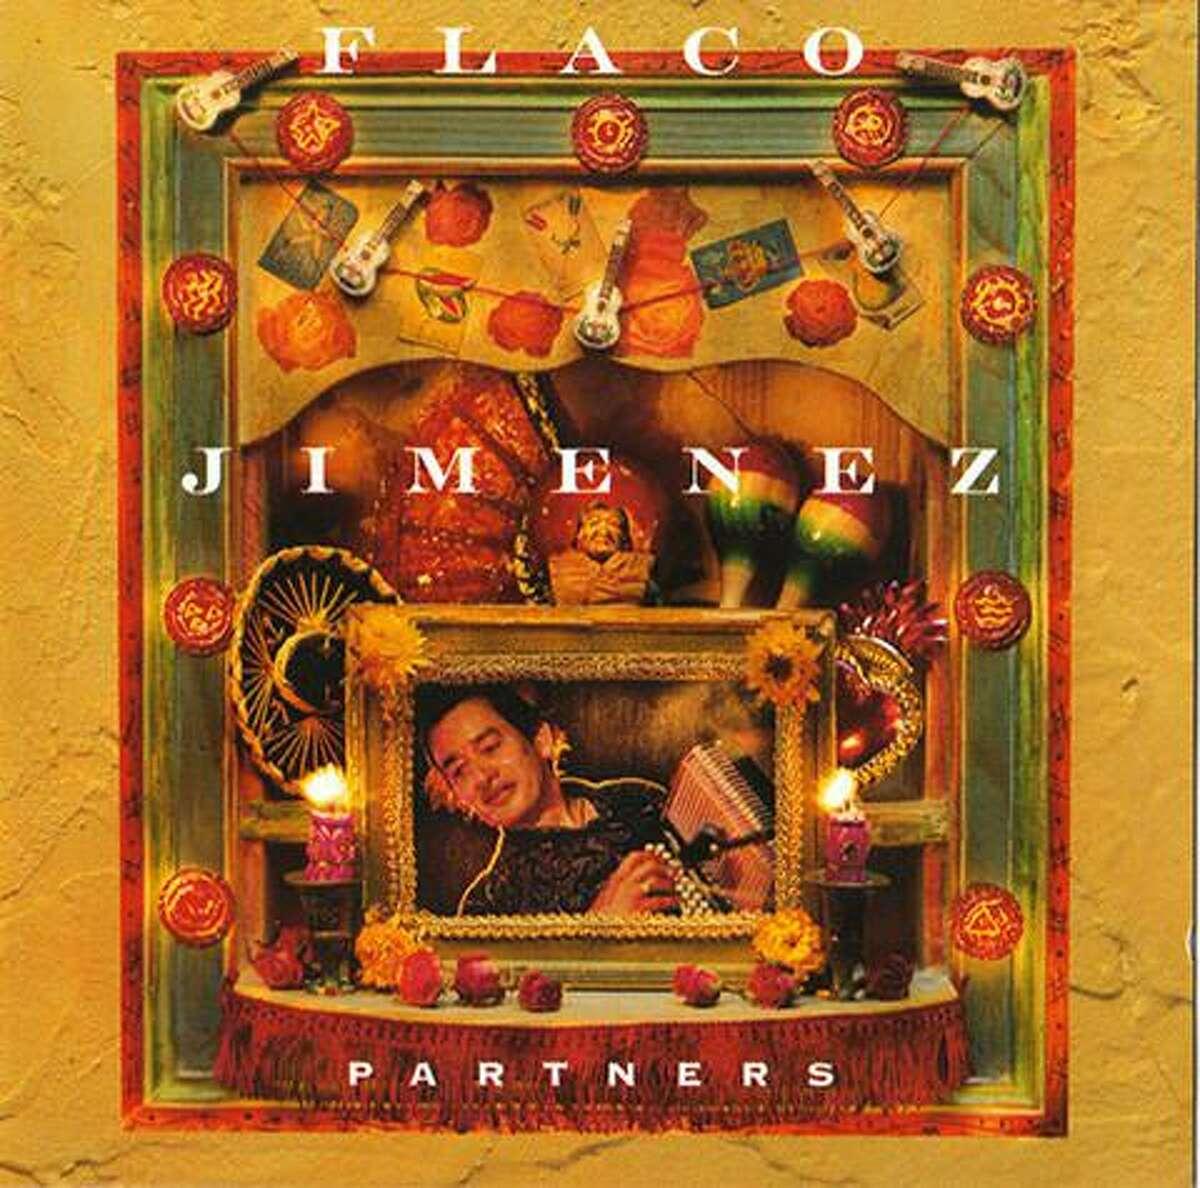 """""""Partners"""" by Flaco Jimenez."""